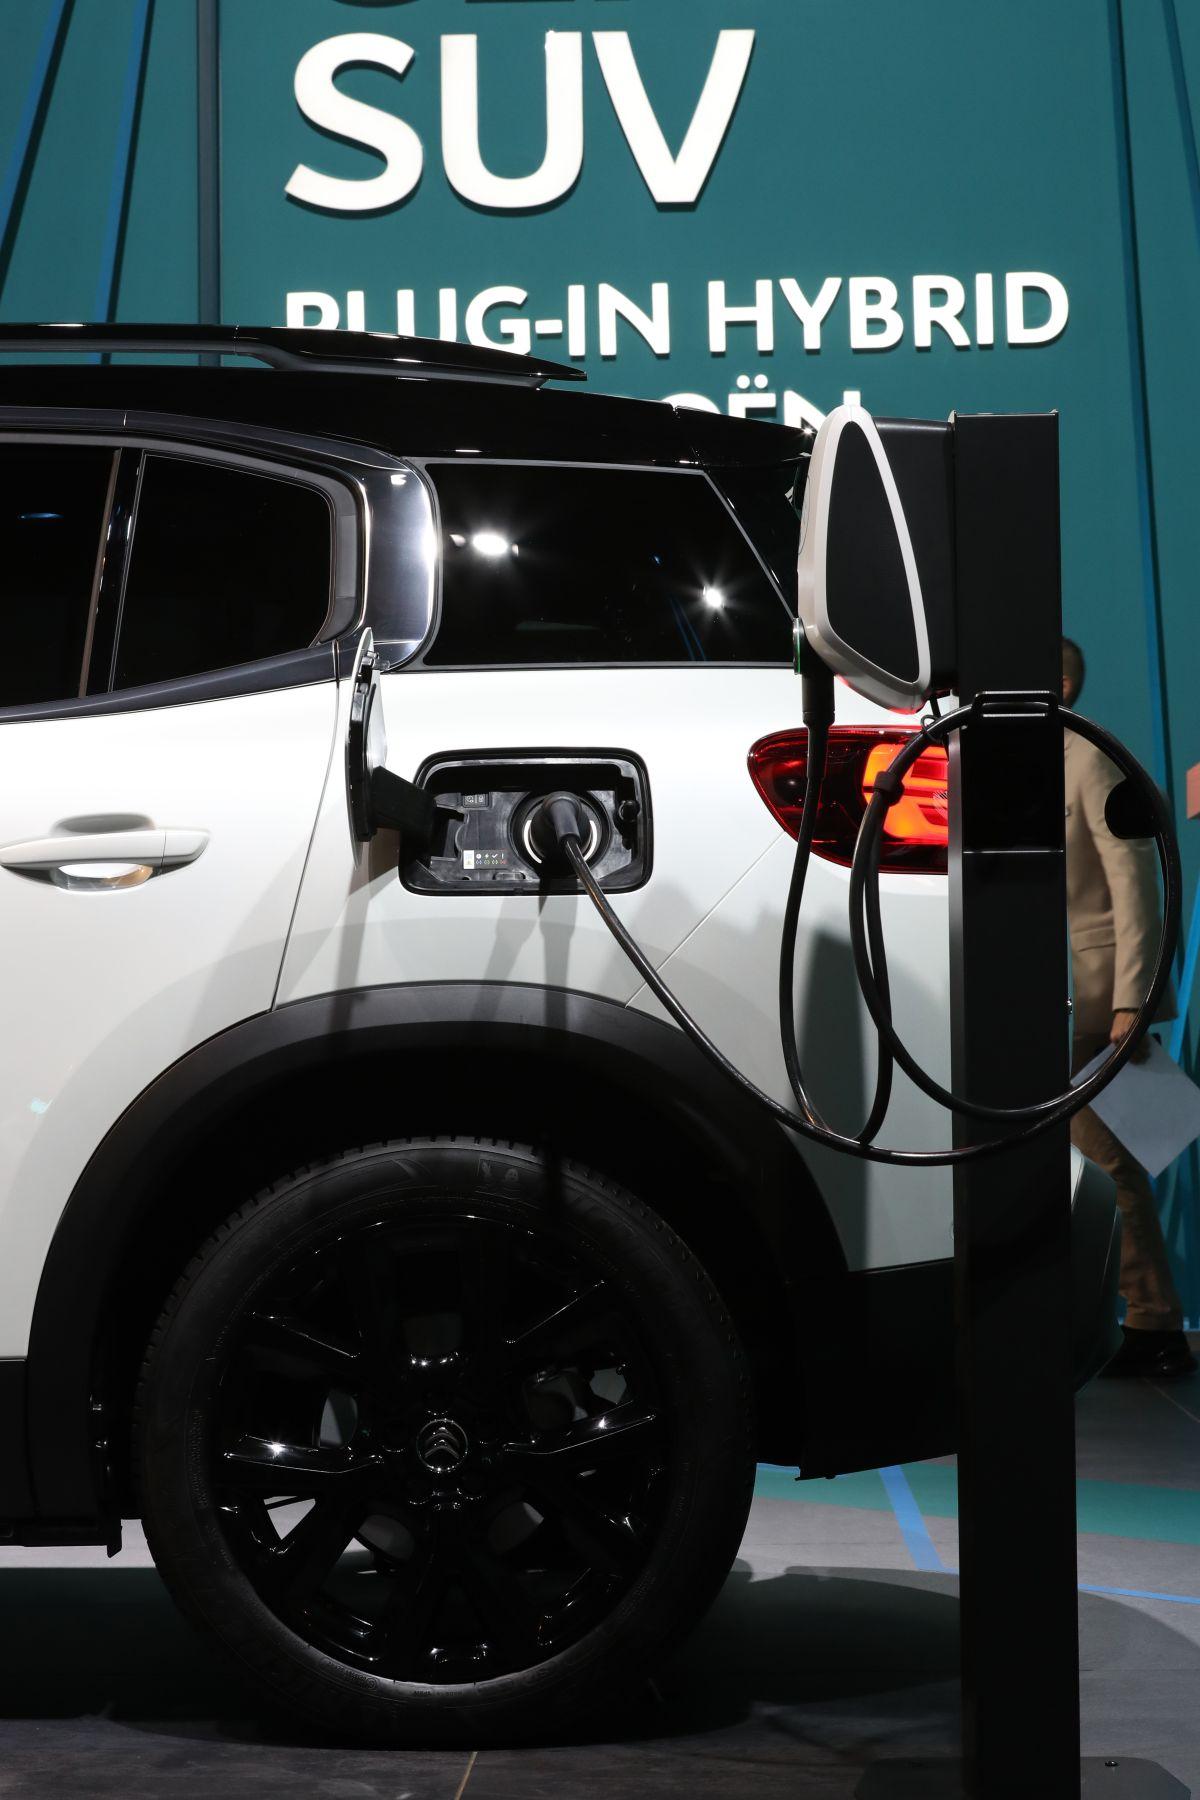 Qué cosas que no debes hacer si eres dueño de un auto híbrido